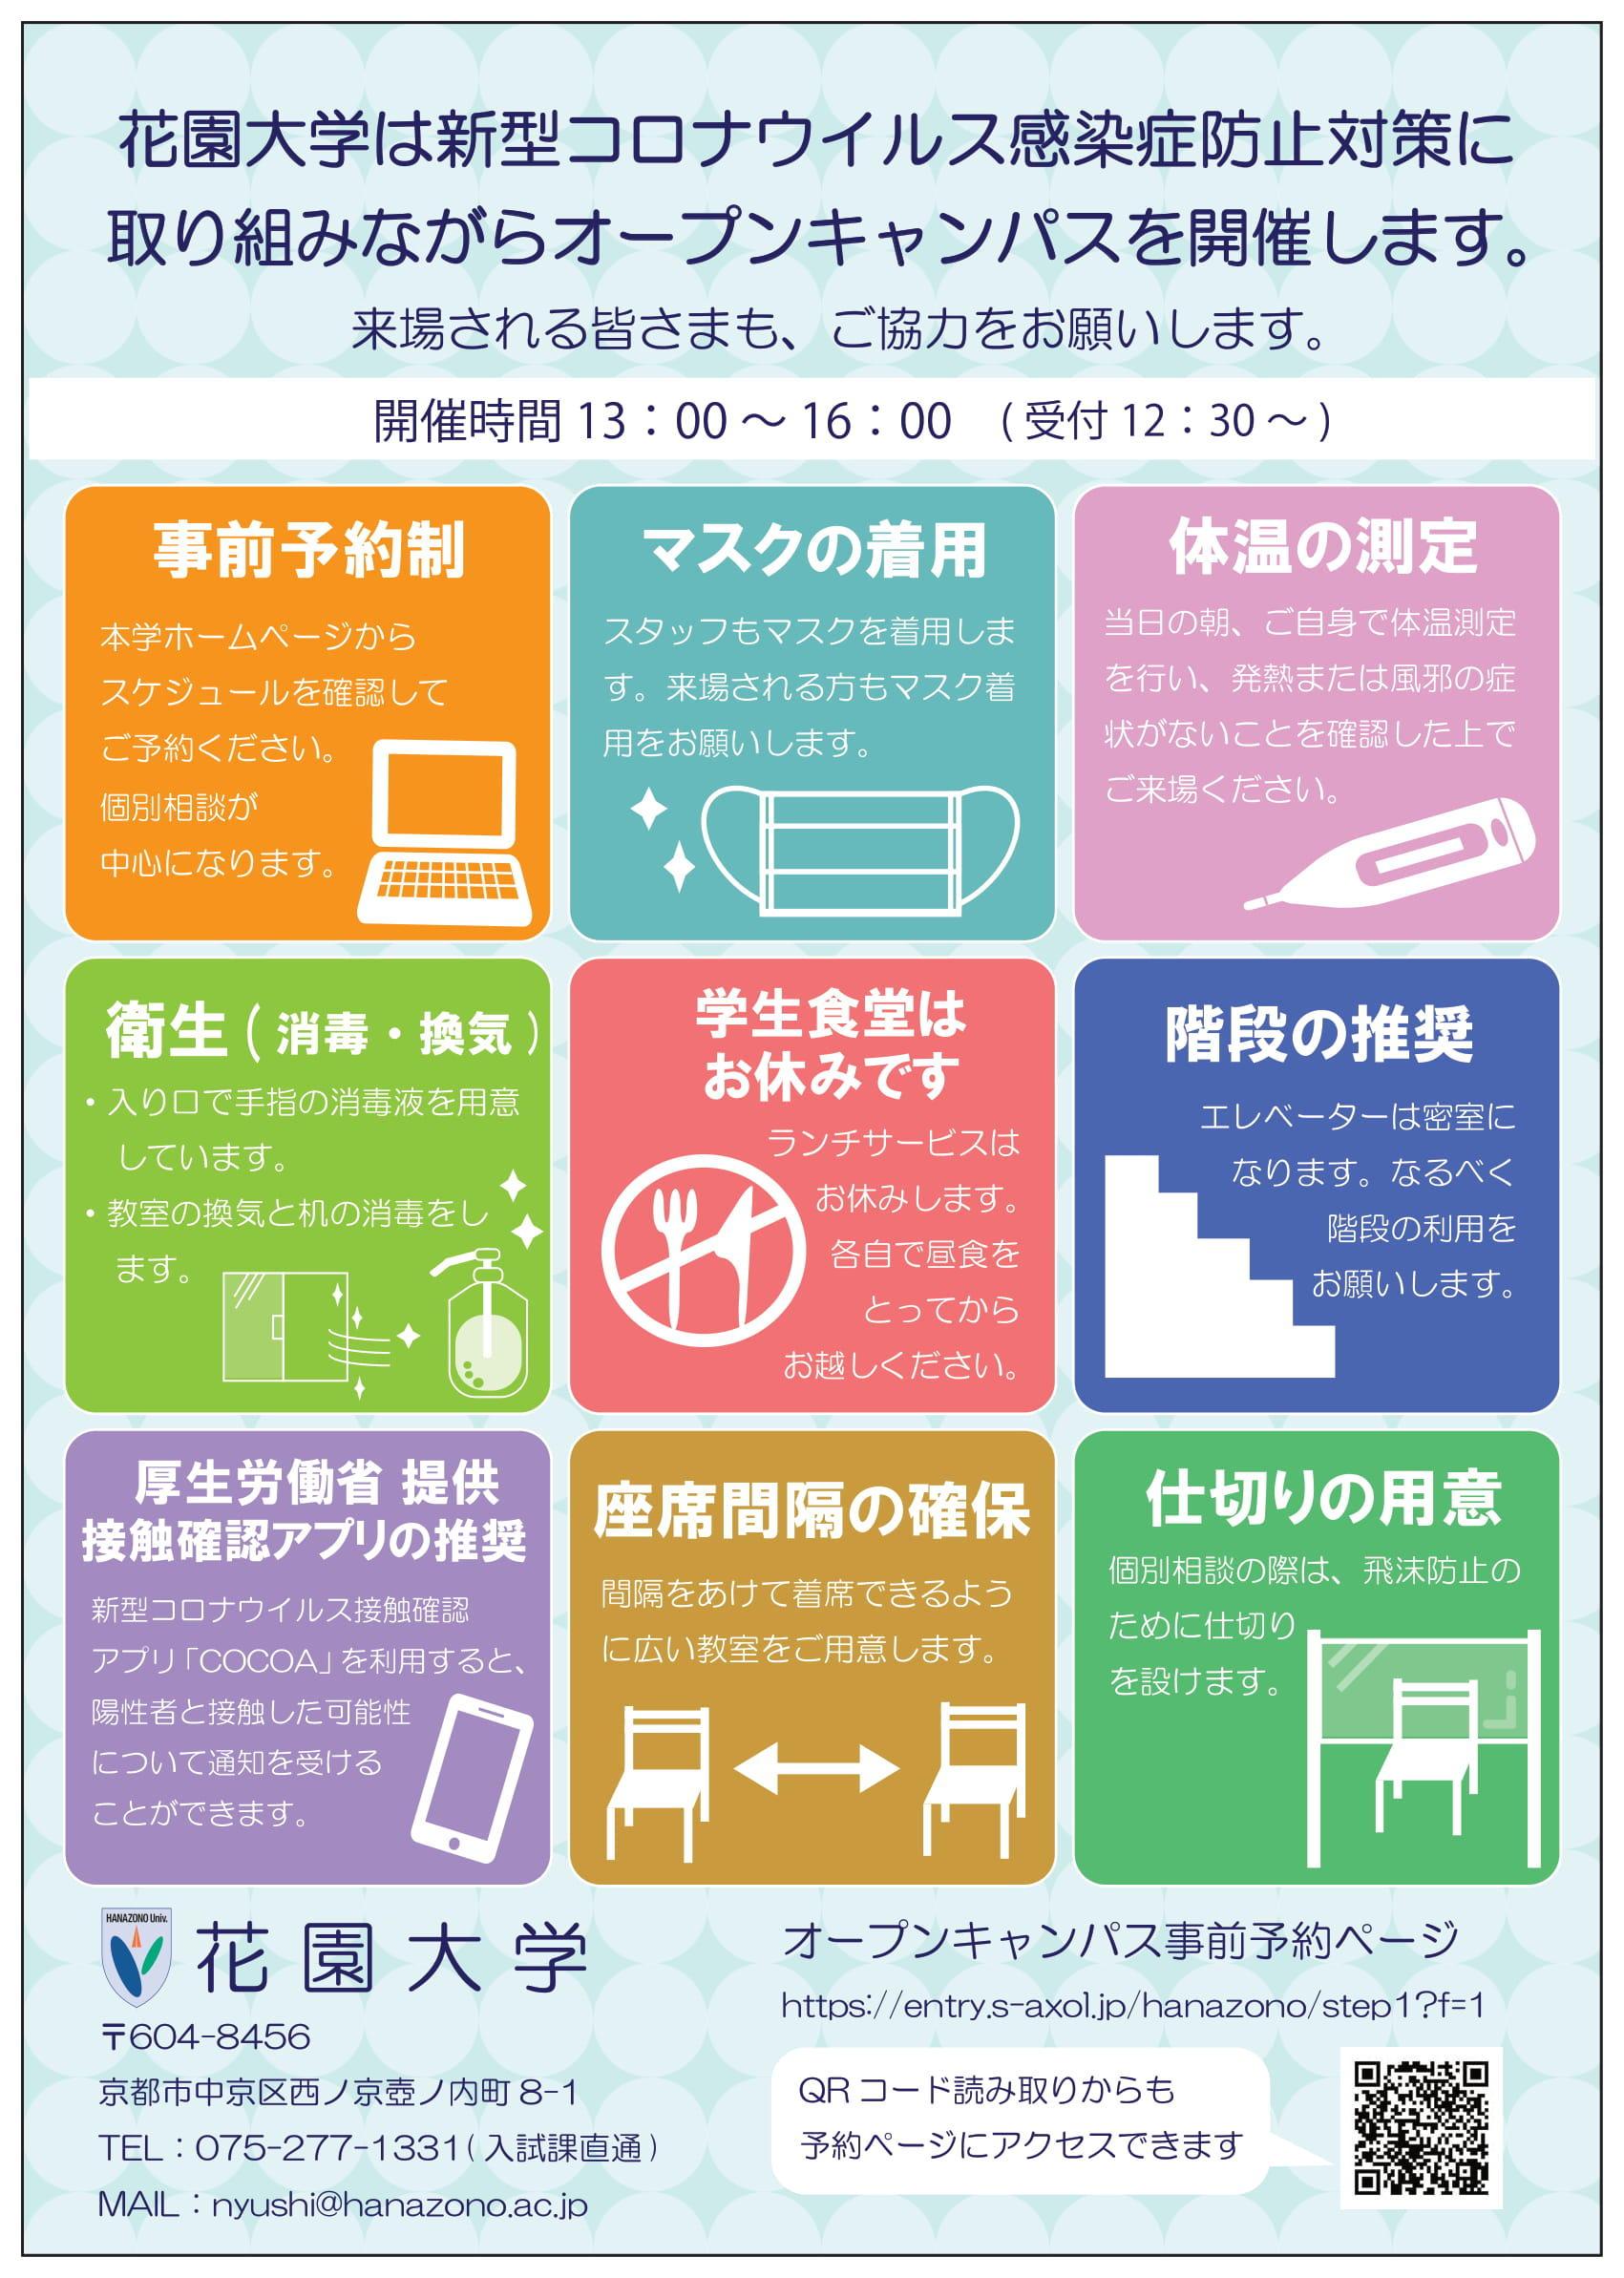 https://www.hanazono.ac.jp/news/3e01fa129c0054c5d26606bd39919e9ab0e37cad.jpg